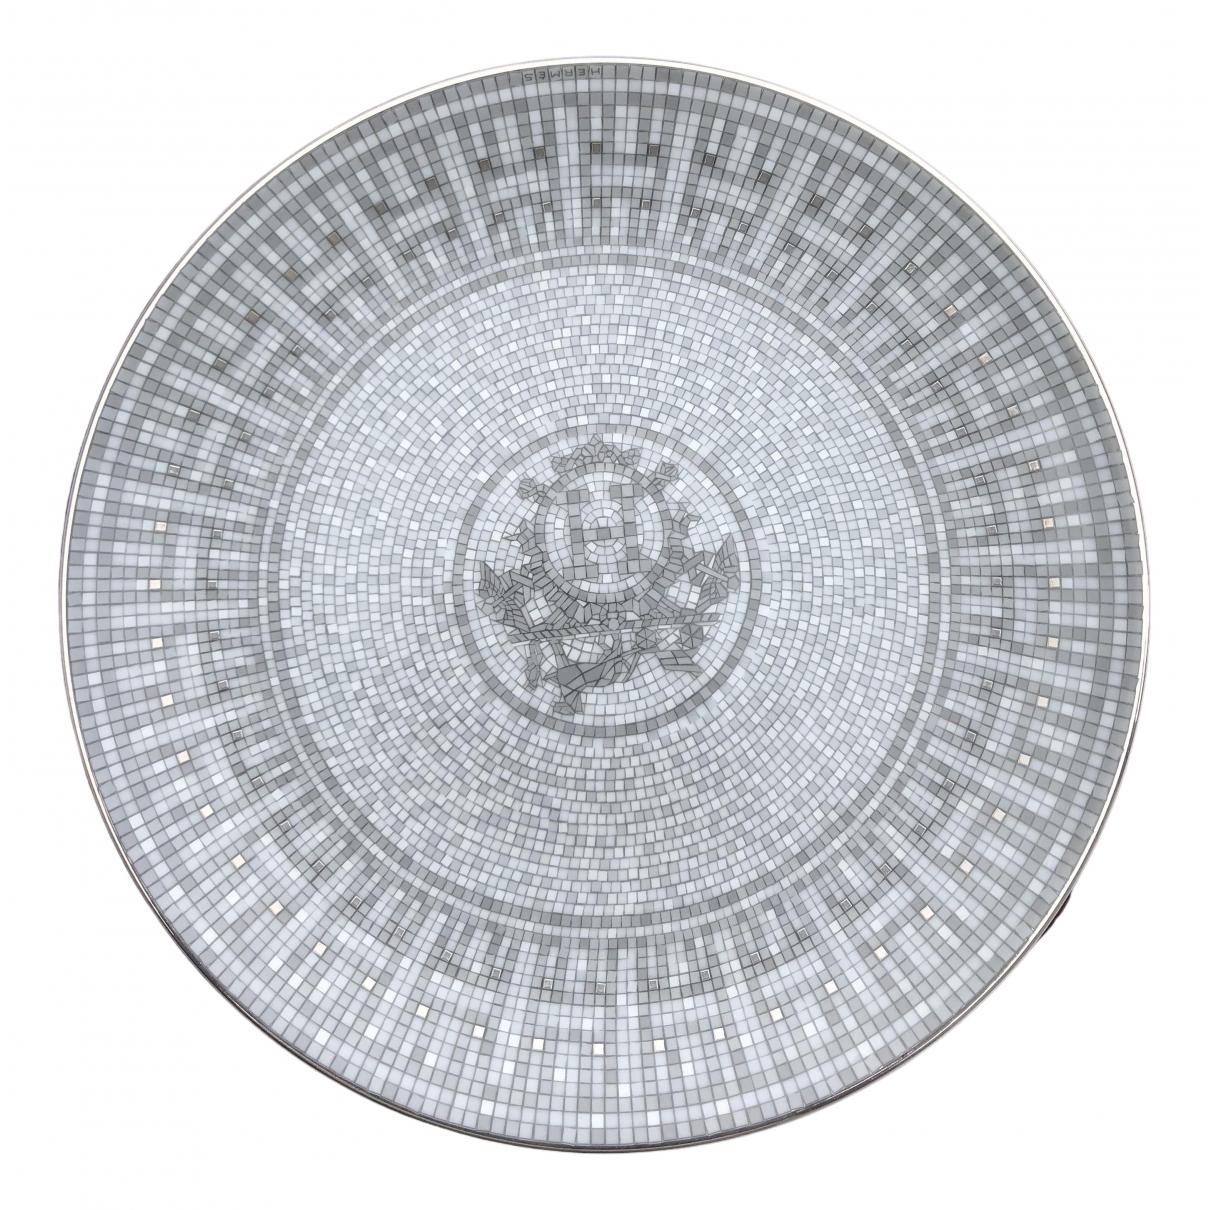 Platos Mosaique au 24 de Porcelana Hermes